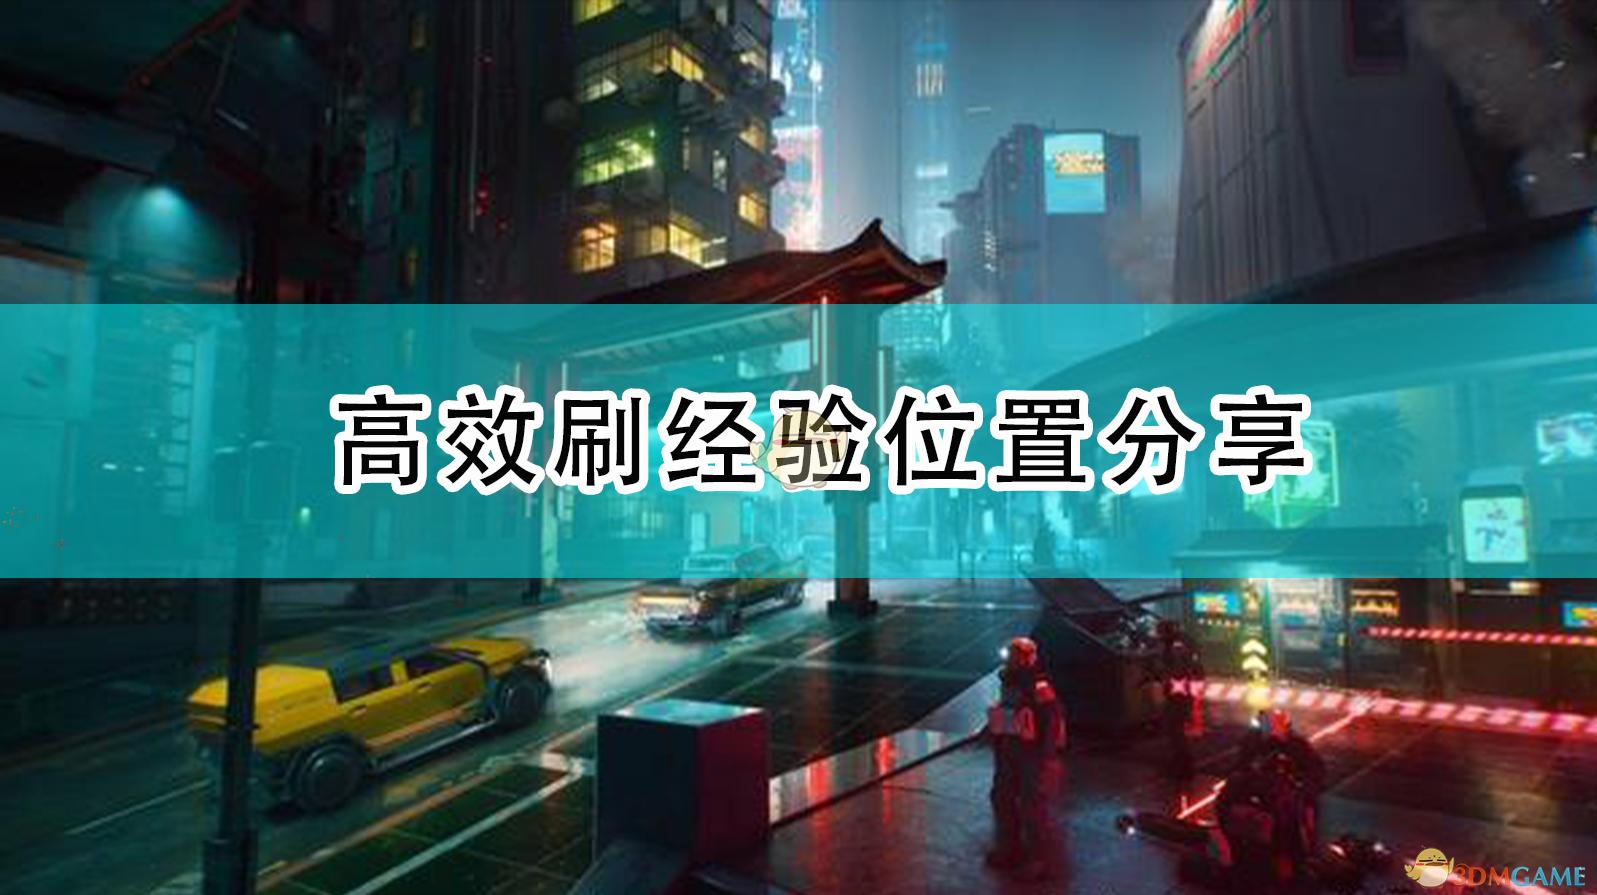 《賽博朋克2077》高效刷經驗位置分享